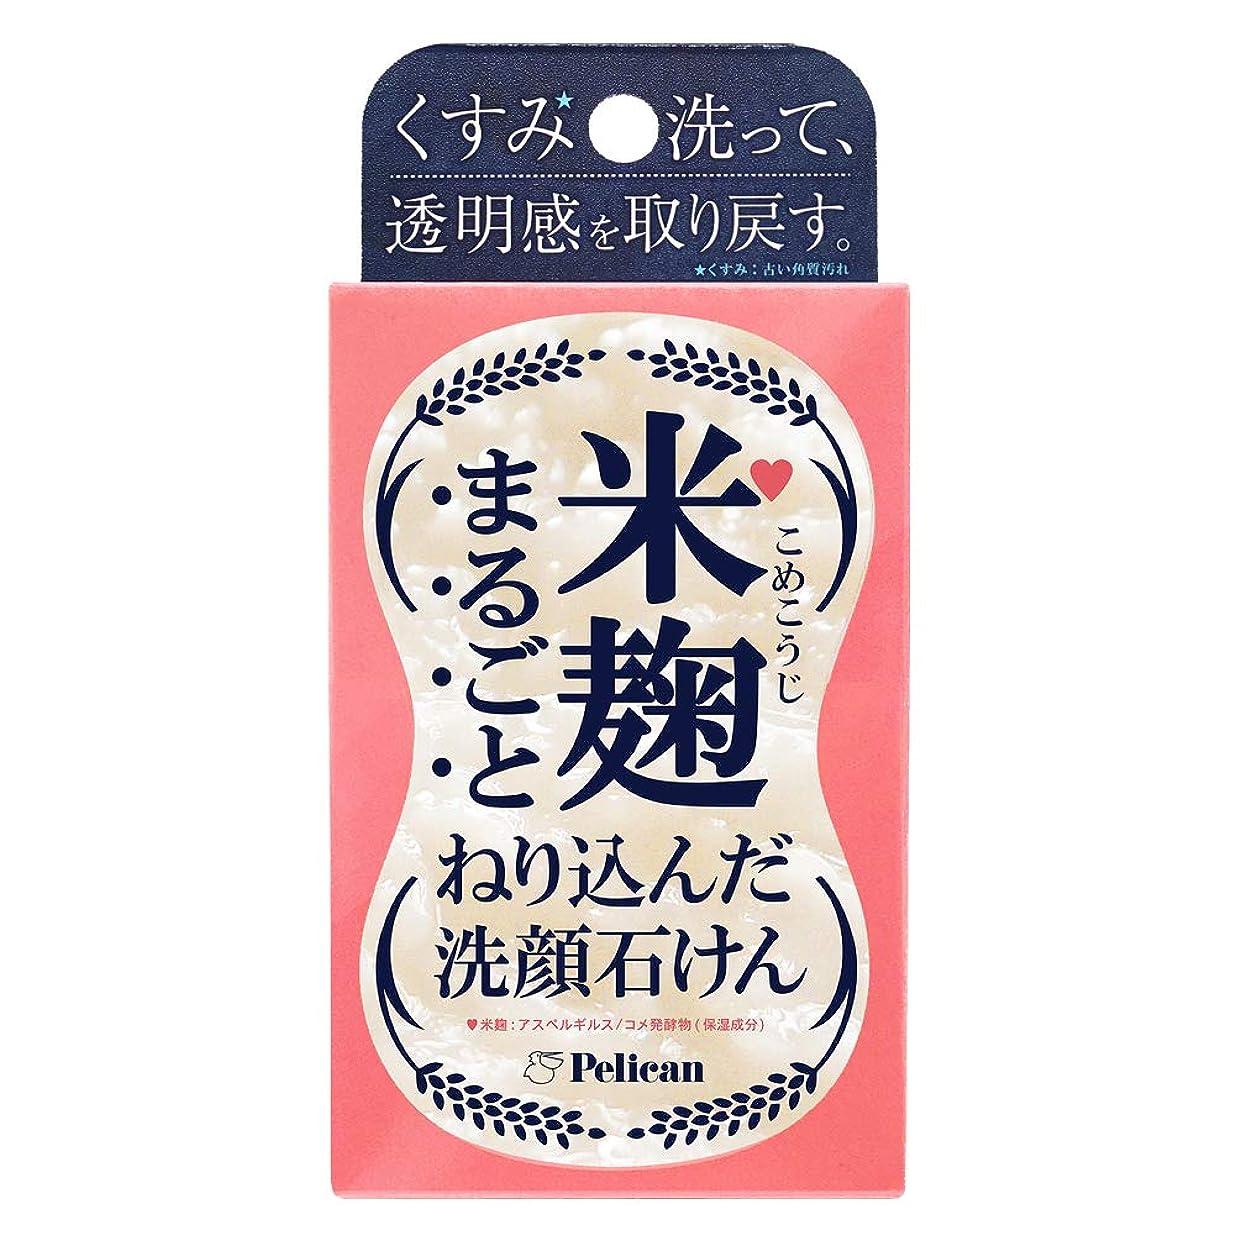 ラフもっともらしい珍味ペリカン石鹸 米麹まるごとねり込んだ洗顔石けん 75g